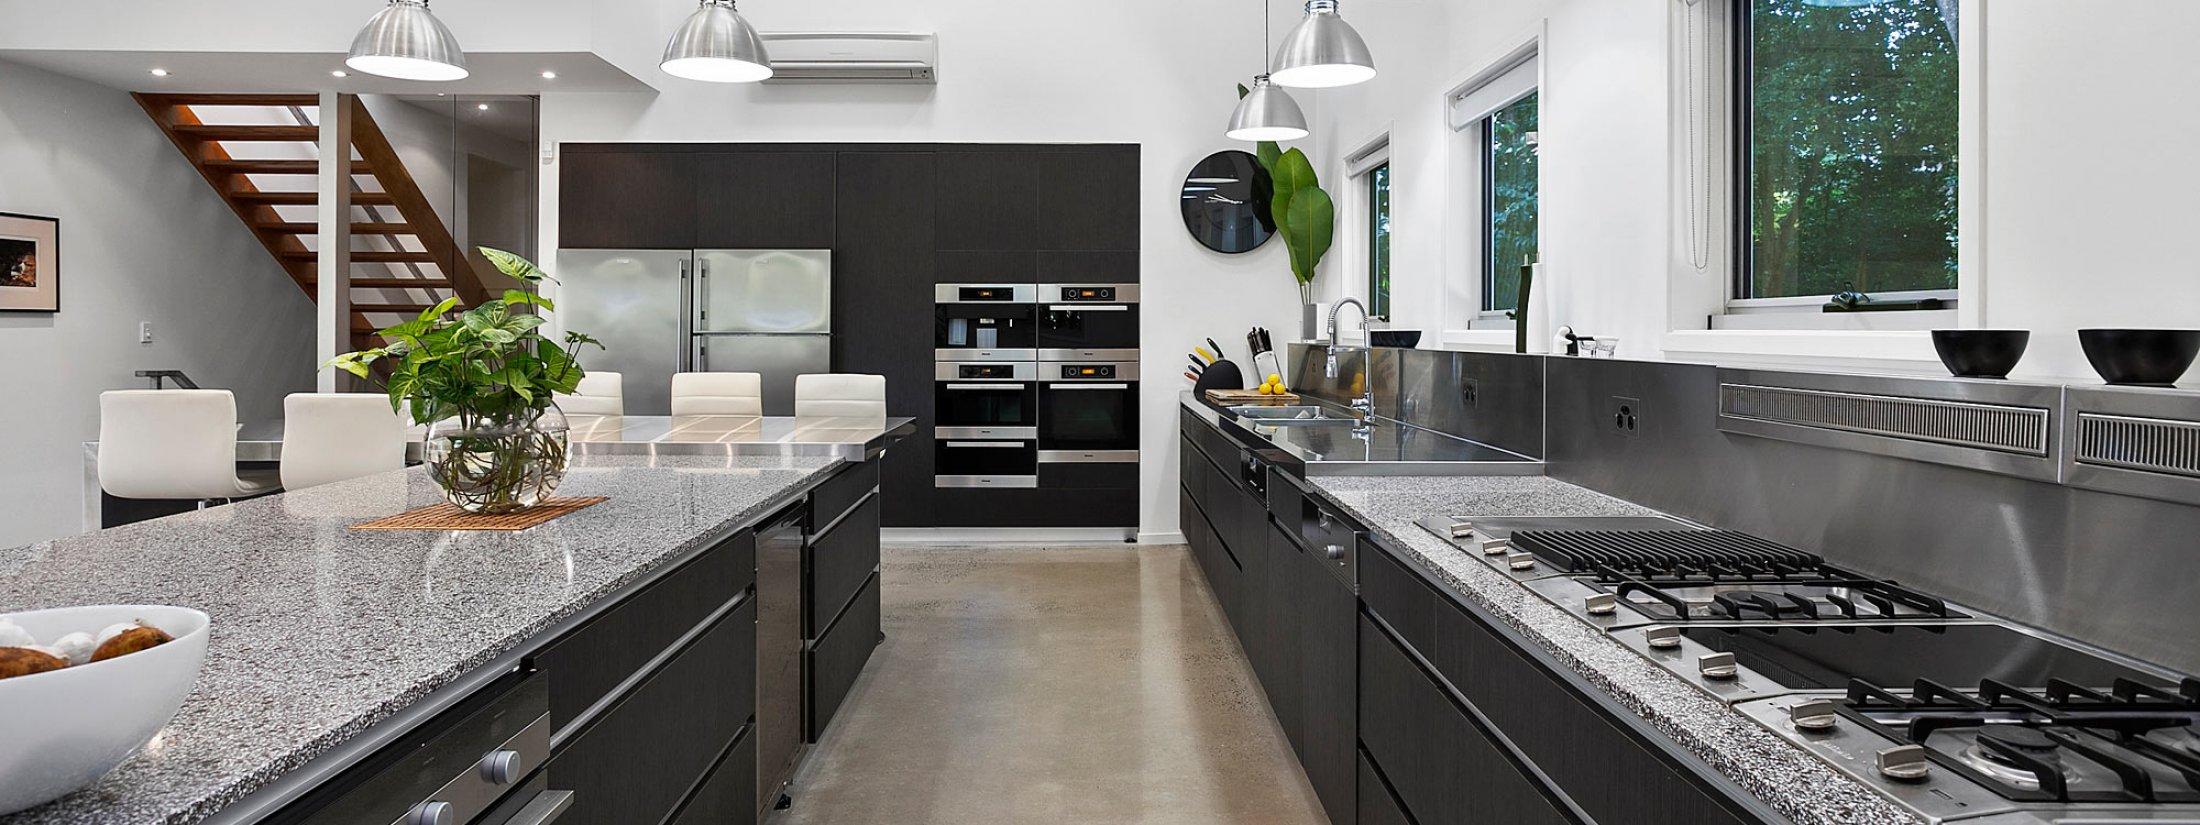 Paperbark - Byron Bay - Kitchen d